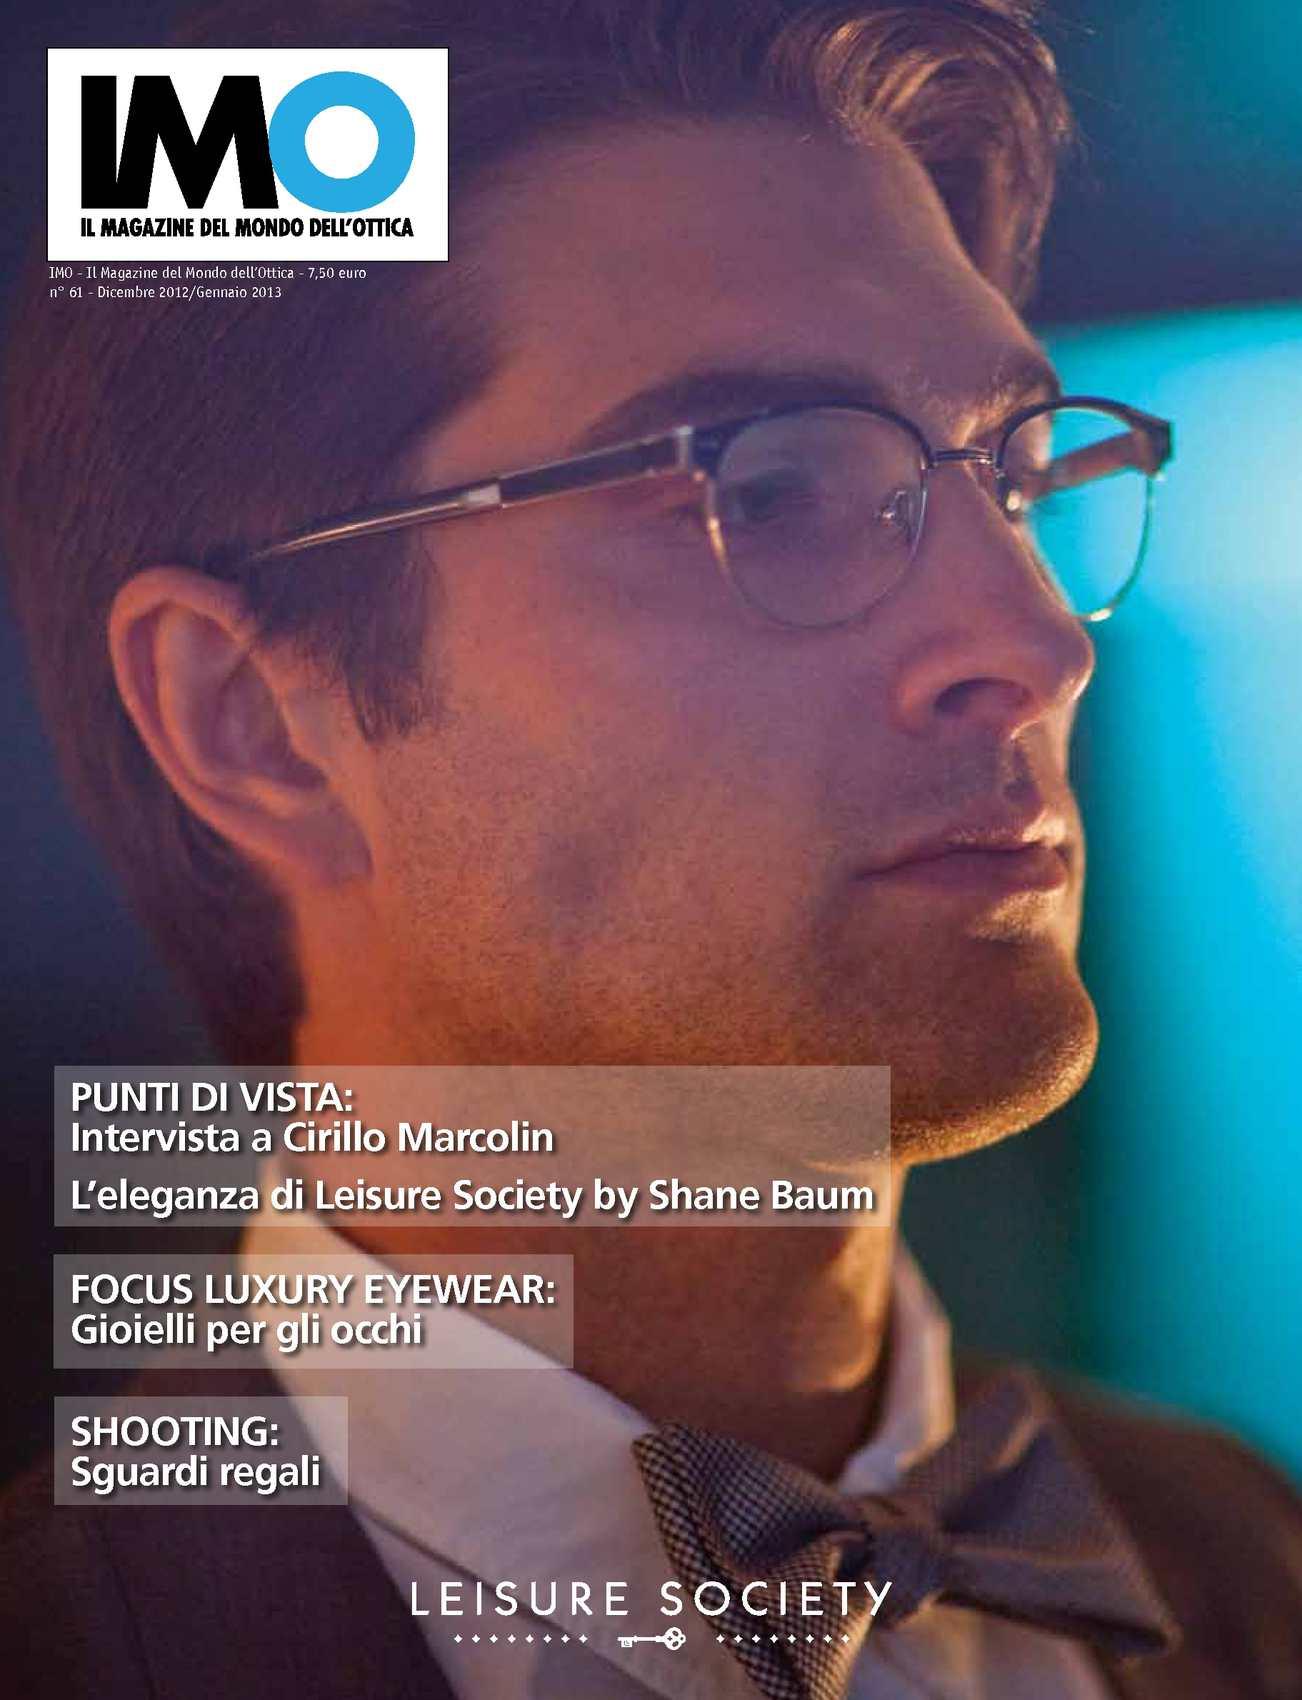 Calaméo - IMO - Il Magazine del Mondo dell Ottica n.61 - dicembre  2012 gennaio 2013 08886a1692